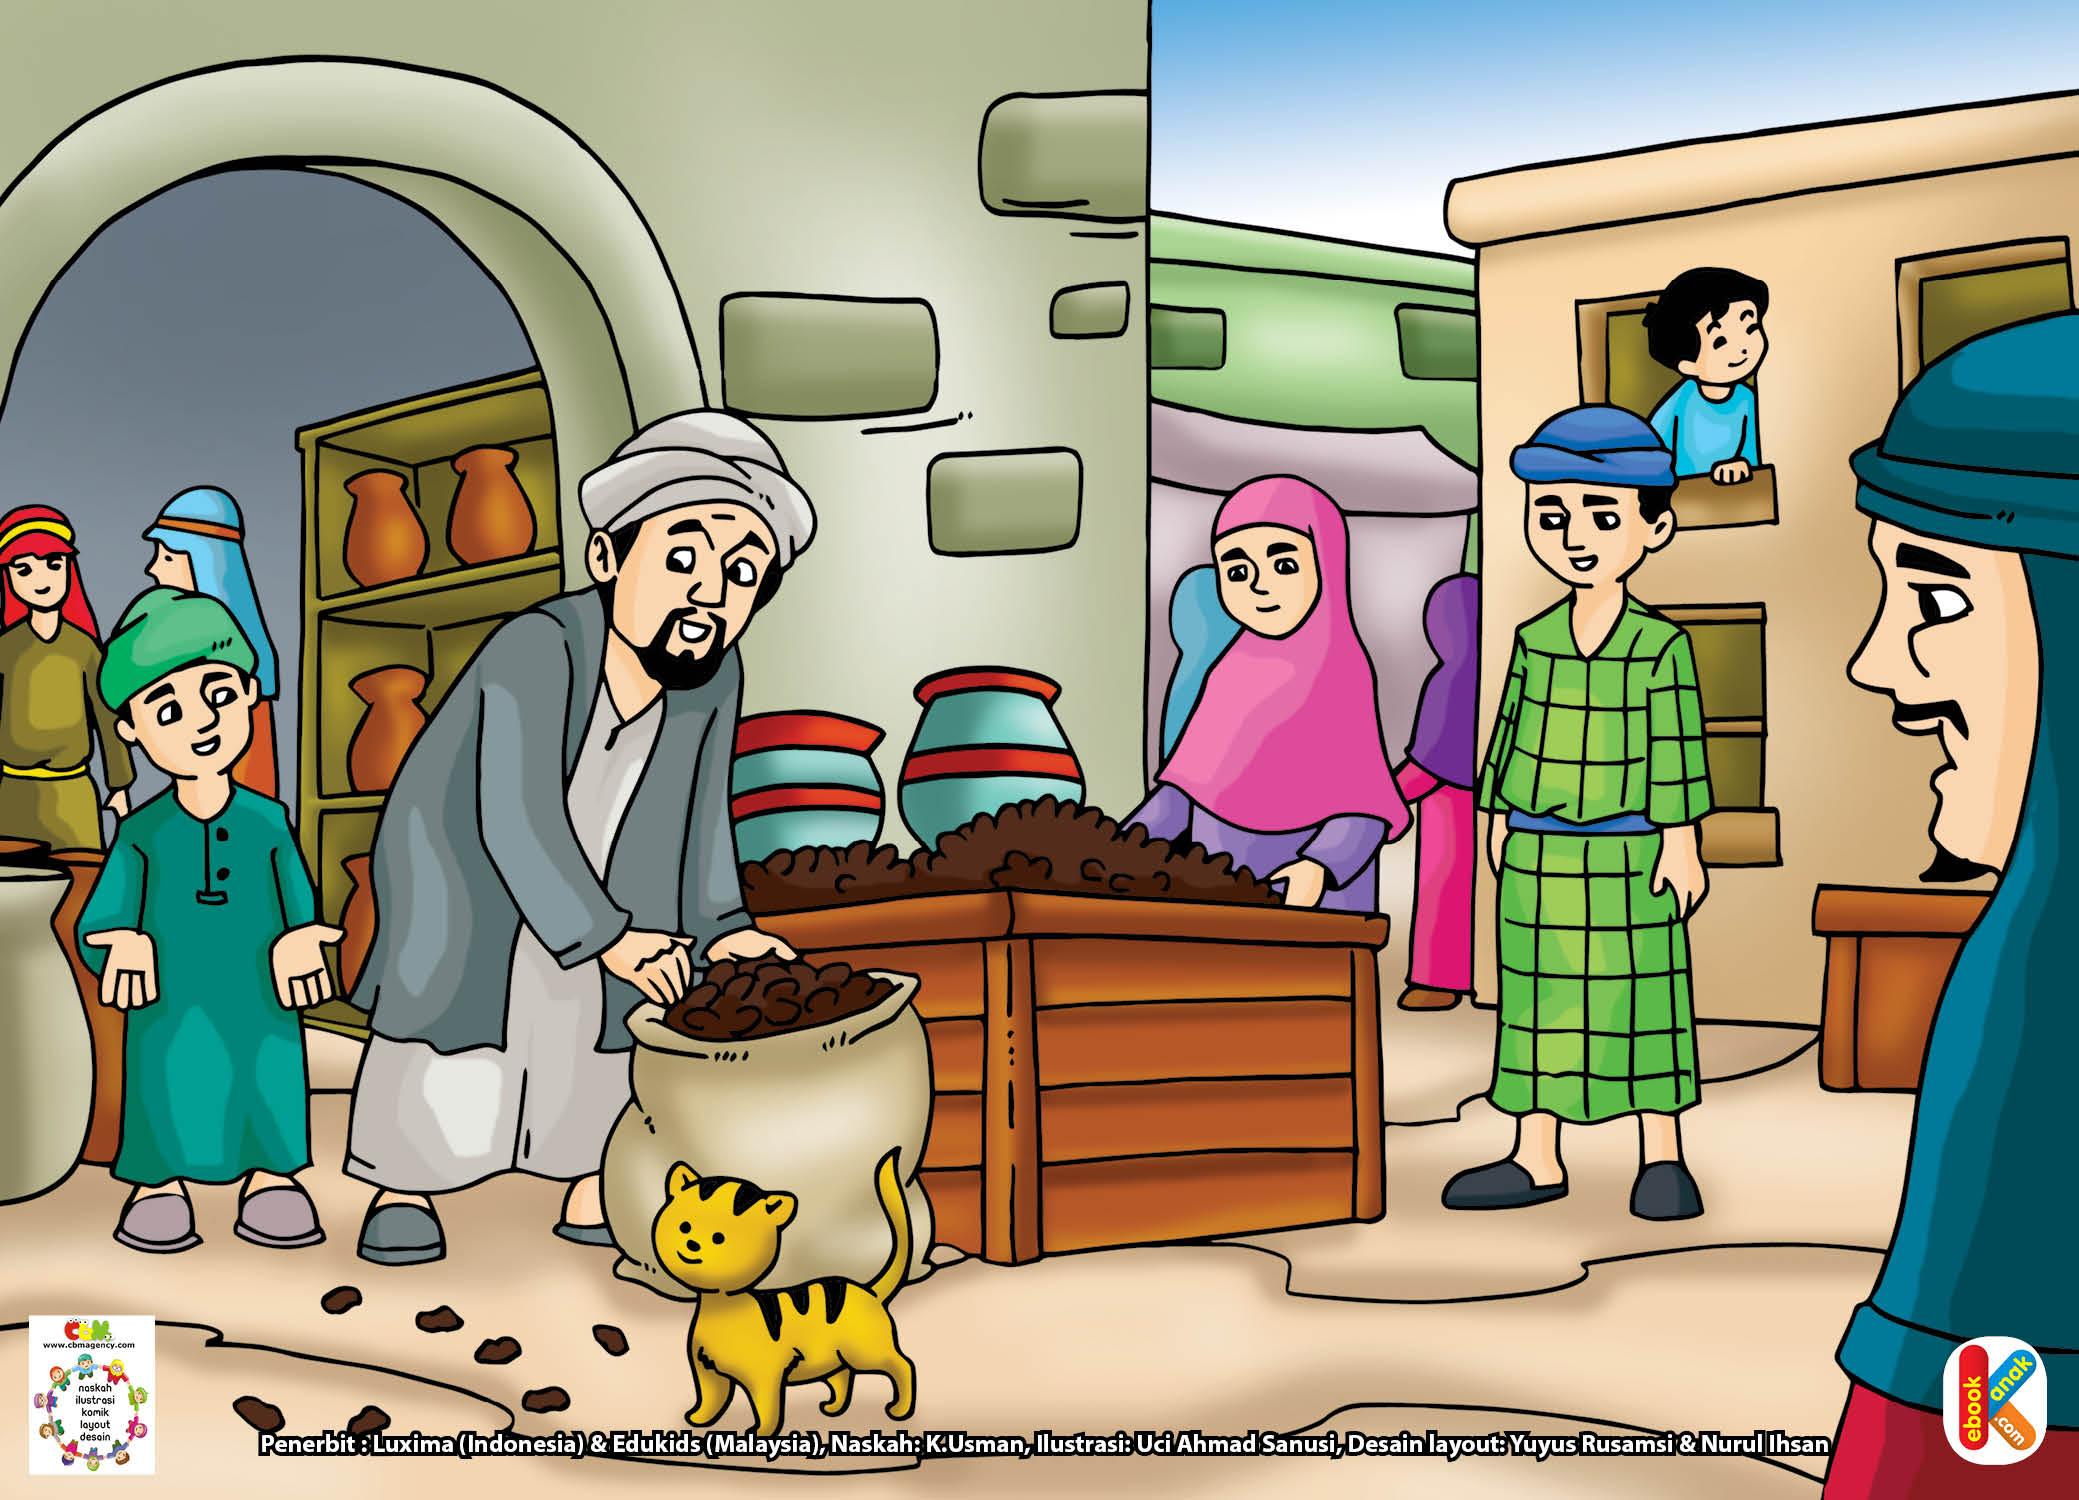 Download Gambar Gratis Hal 5 Abu Bakar Dan Keutamaan Jujur Ebook Anak